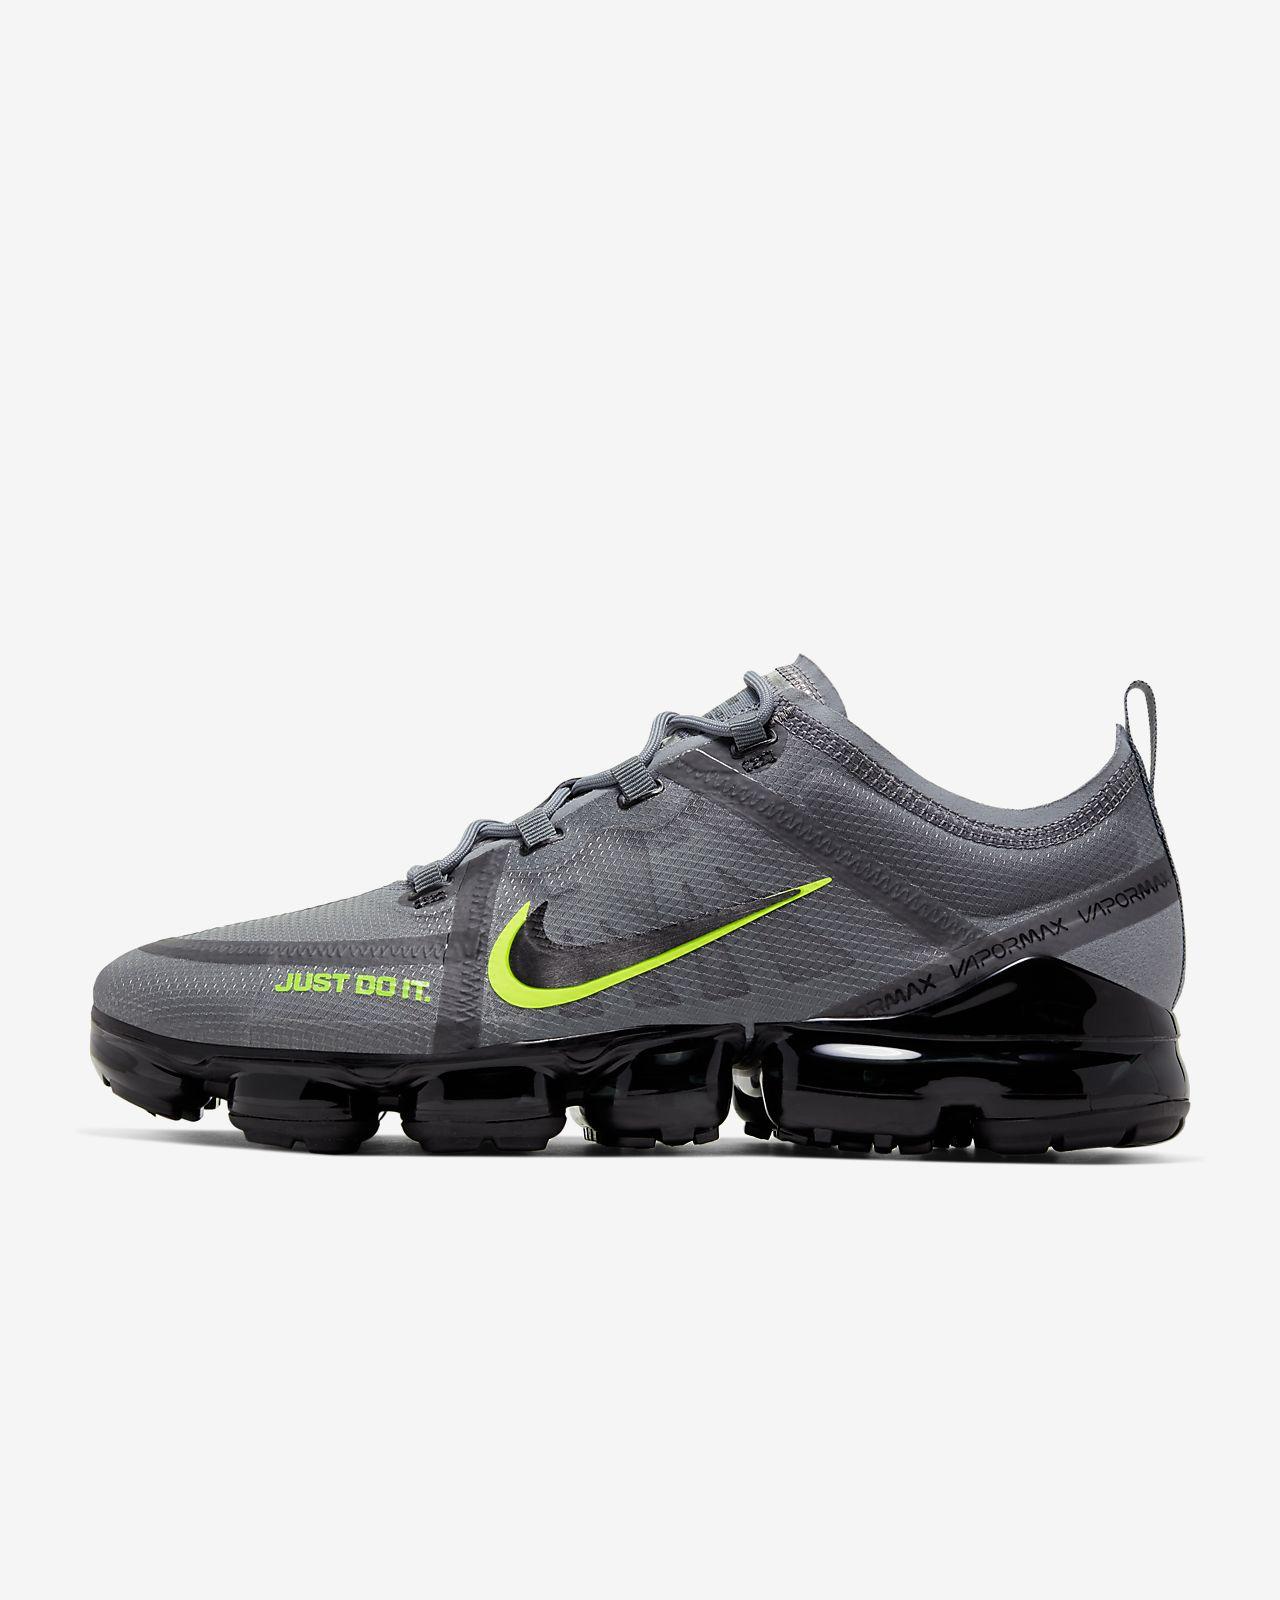 chaussure nike garçon vapormax